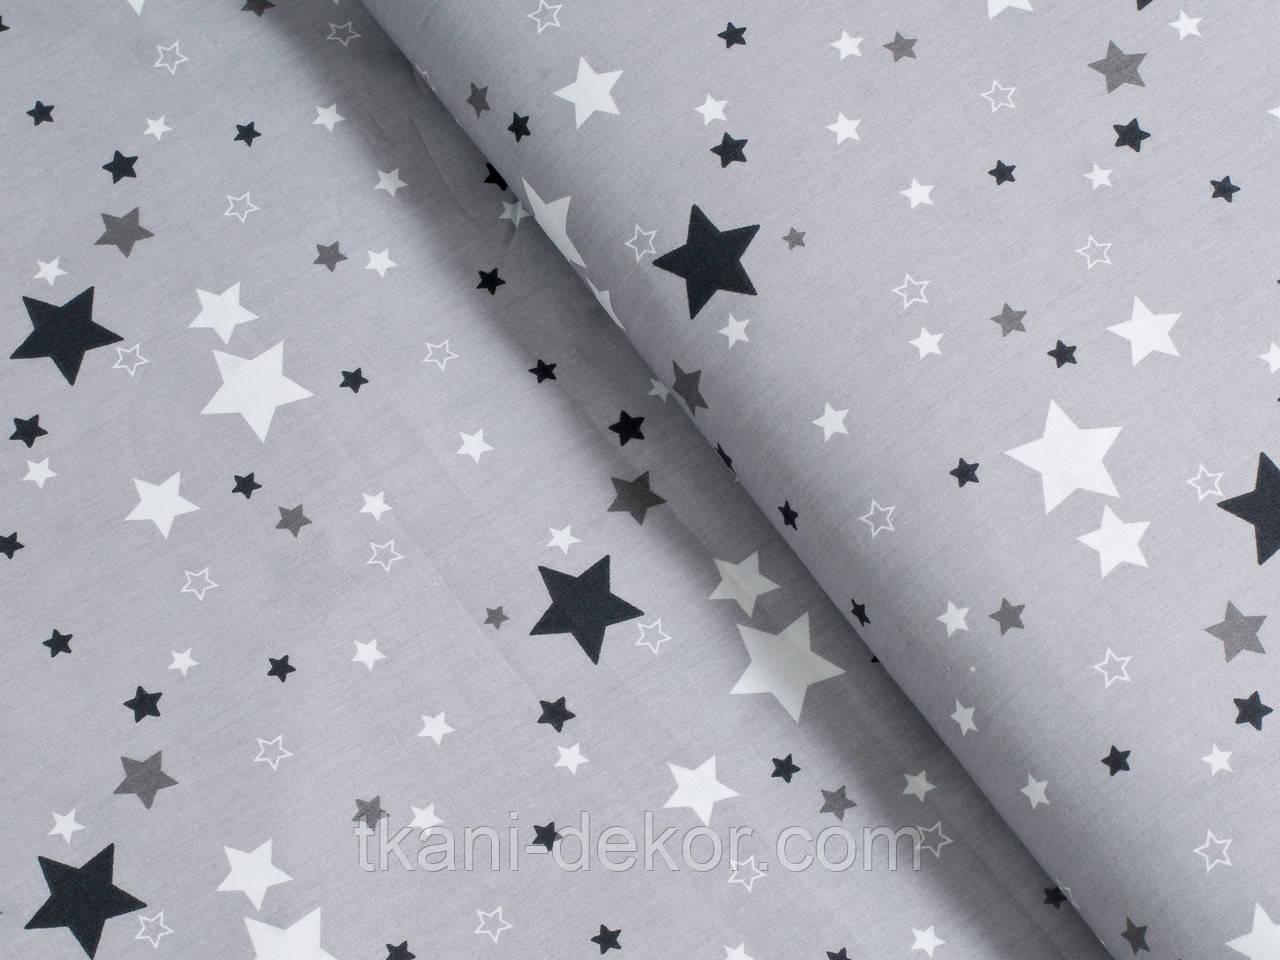 Сатин (хлопковая ткань) звезды разные на сером (лоскут 75*160)